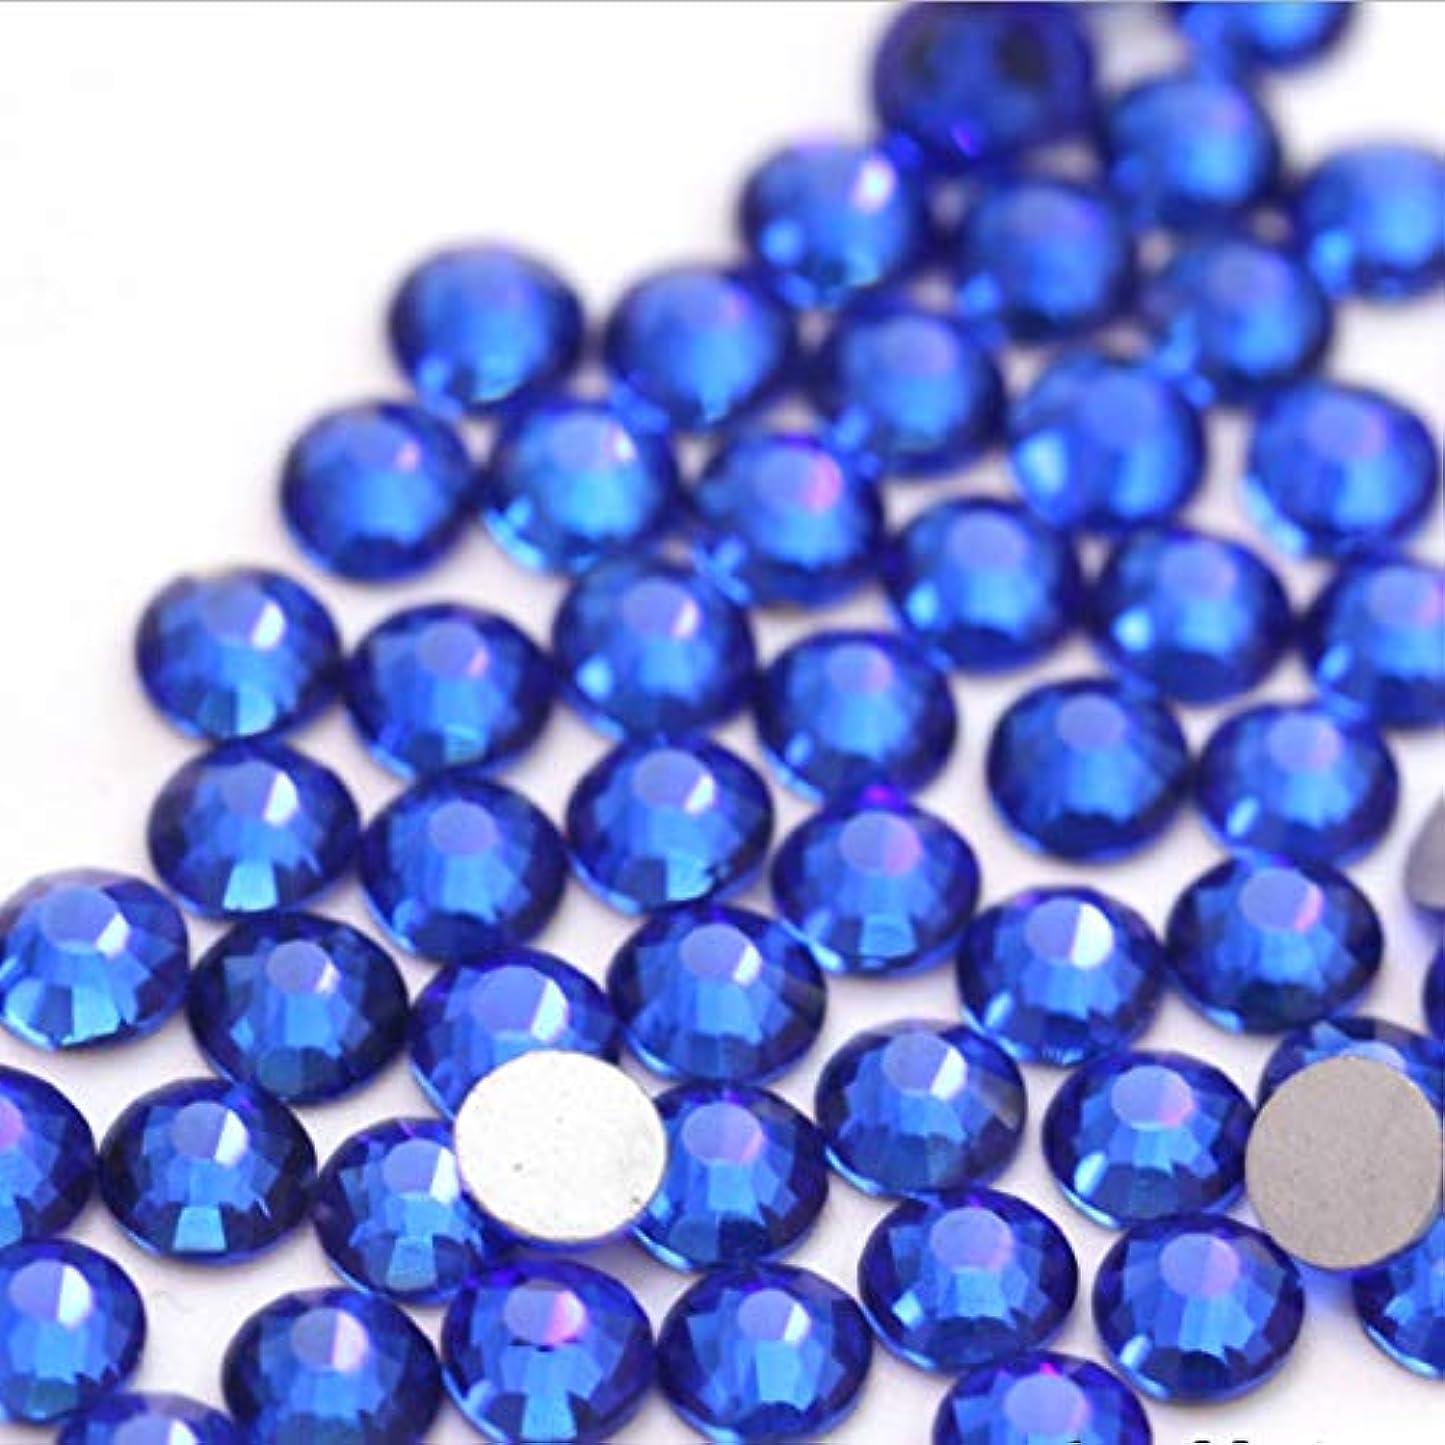 悲惨スワップ包囲【ラインストーン77】高品質ガラス製ラインストーン サファイア(1.5mm (SS4) 約200粒)